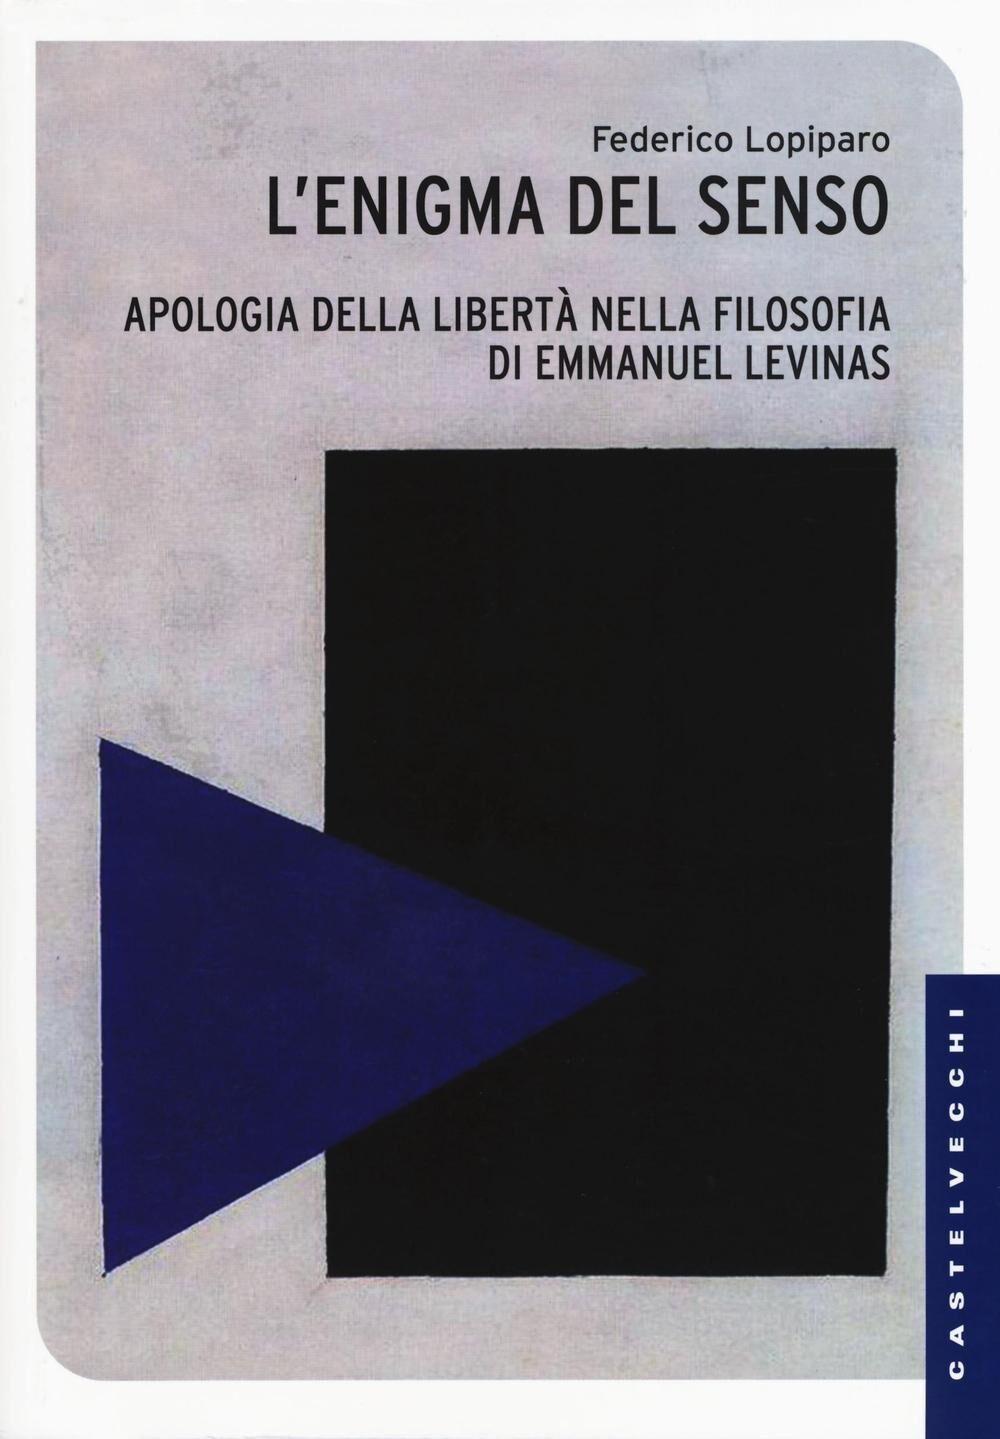 Enigma del senso. Apologia della libertà nella filosofia di Emmanuel Lévinas